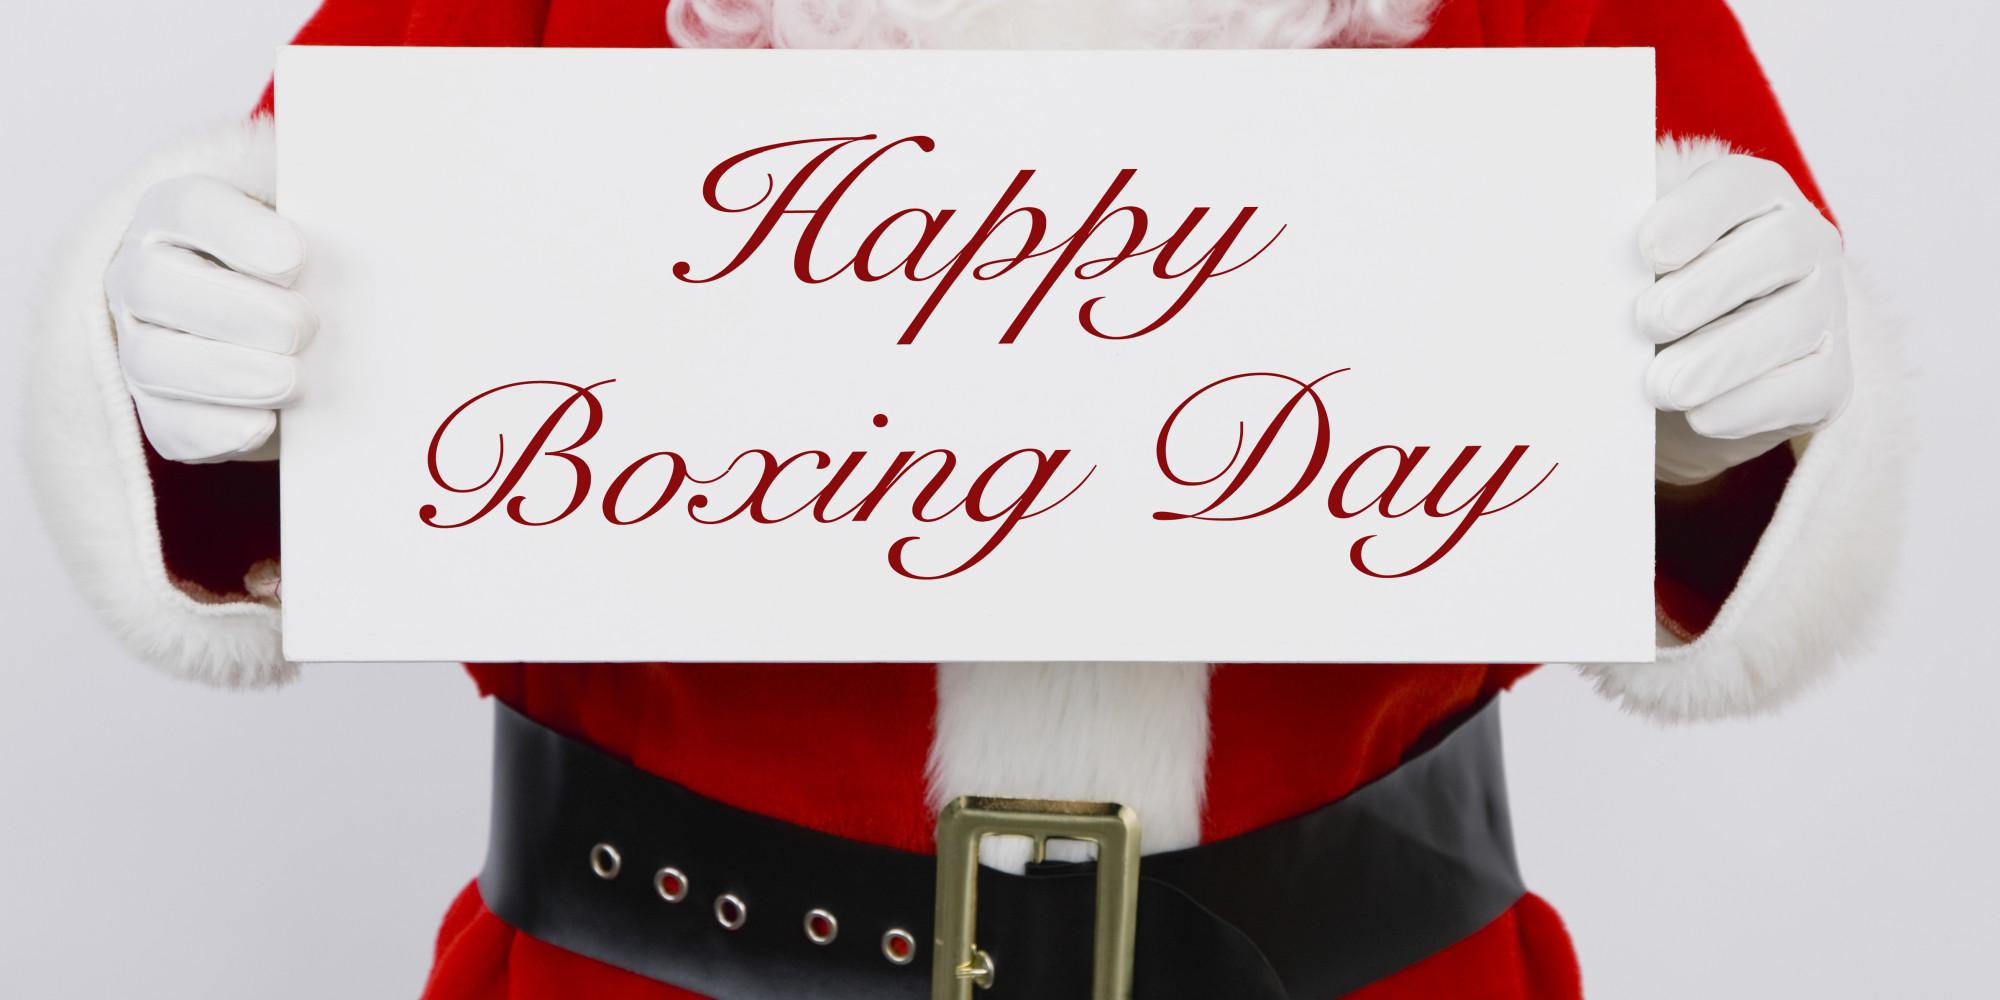 С Рождеством понятно. А что такое Boxing Day